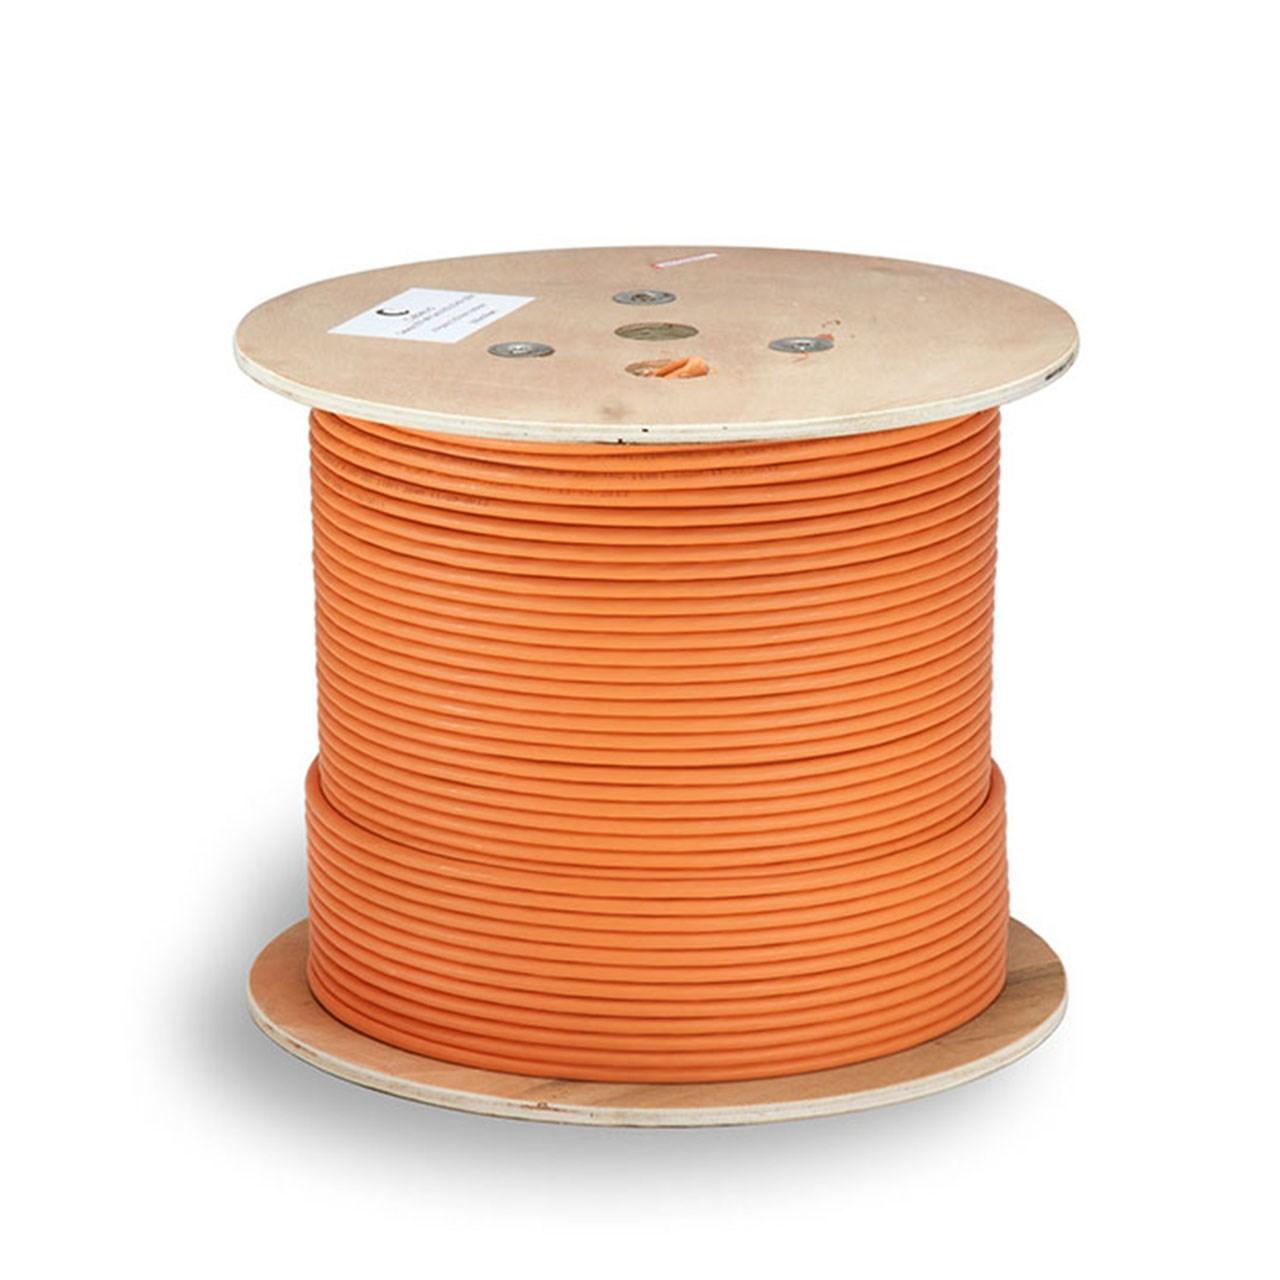 کابل شبکه Cat 6 SFTP نگزنس تست فلوک به طول 500 متر